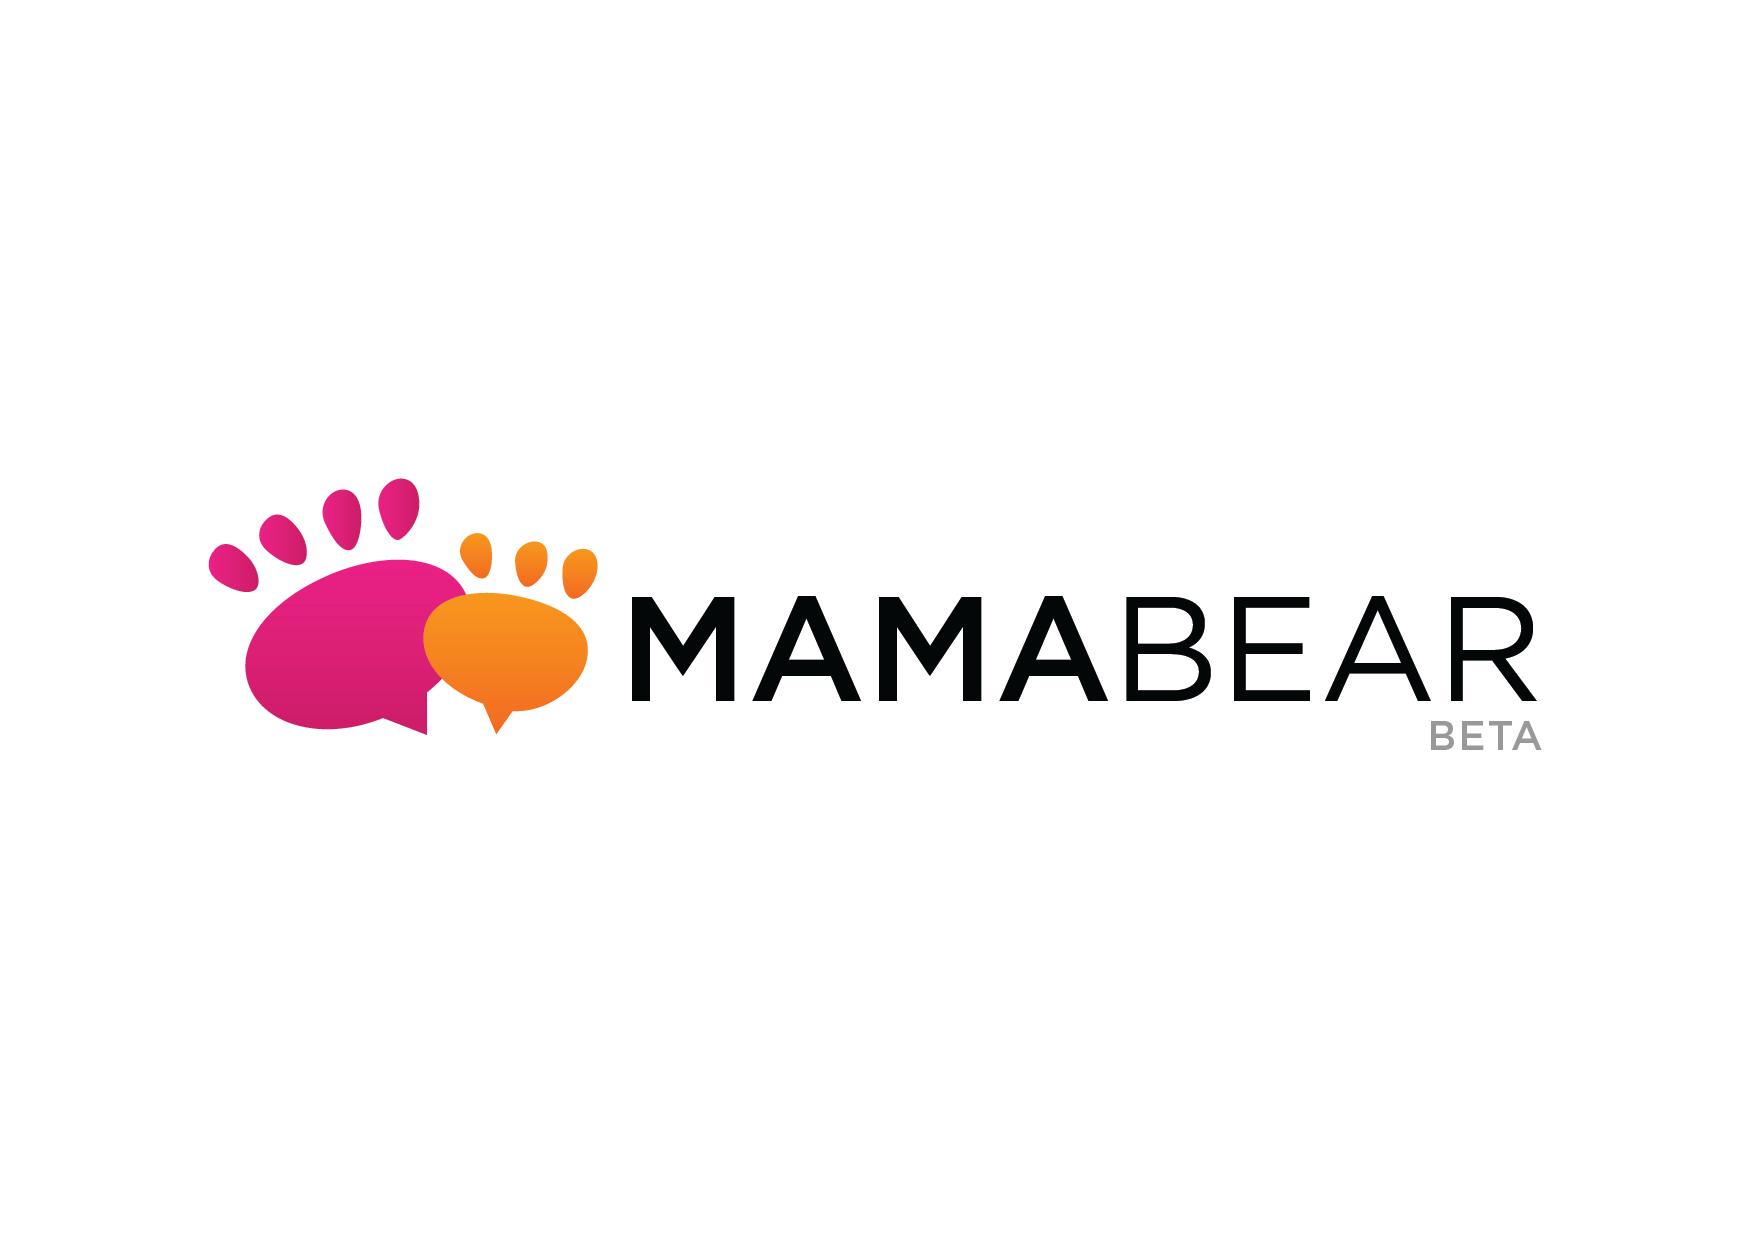 MamaBear Parental Control App